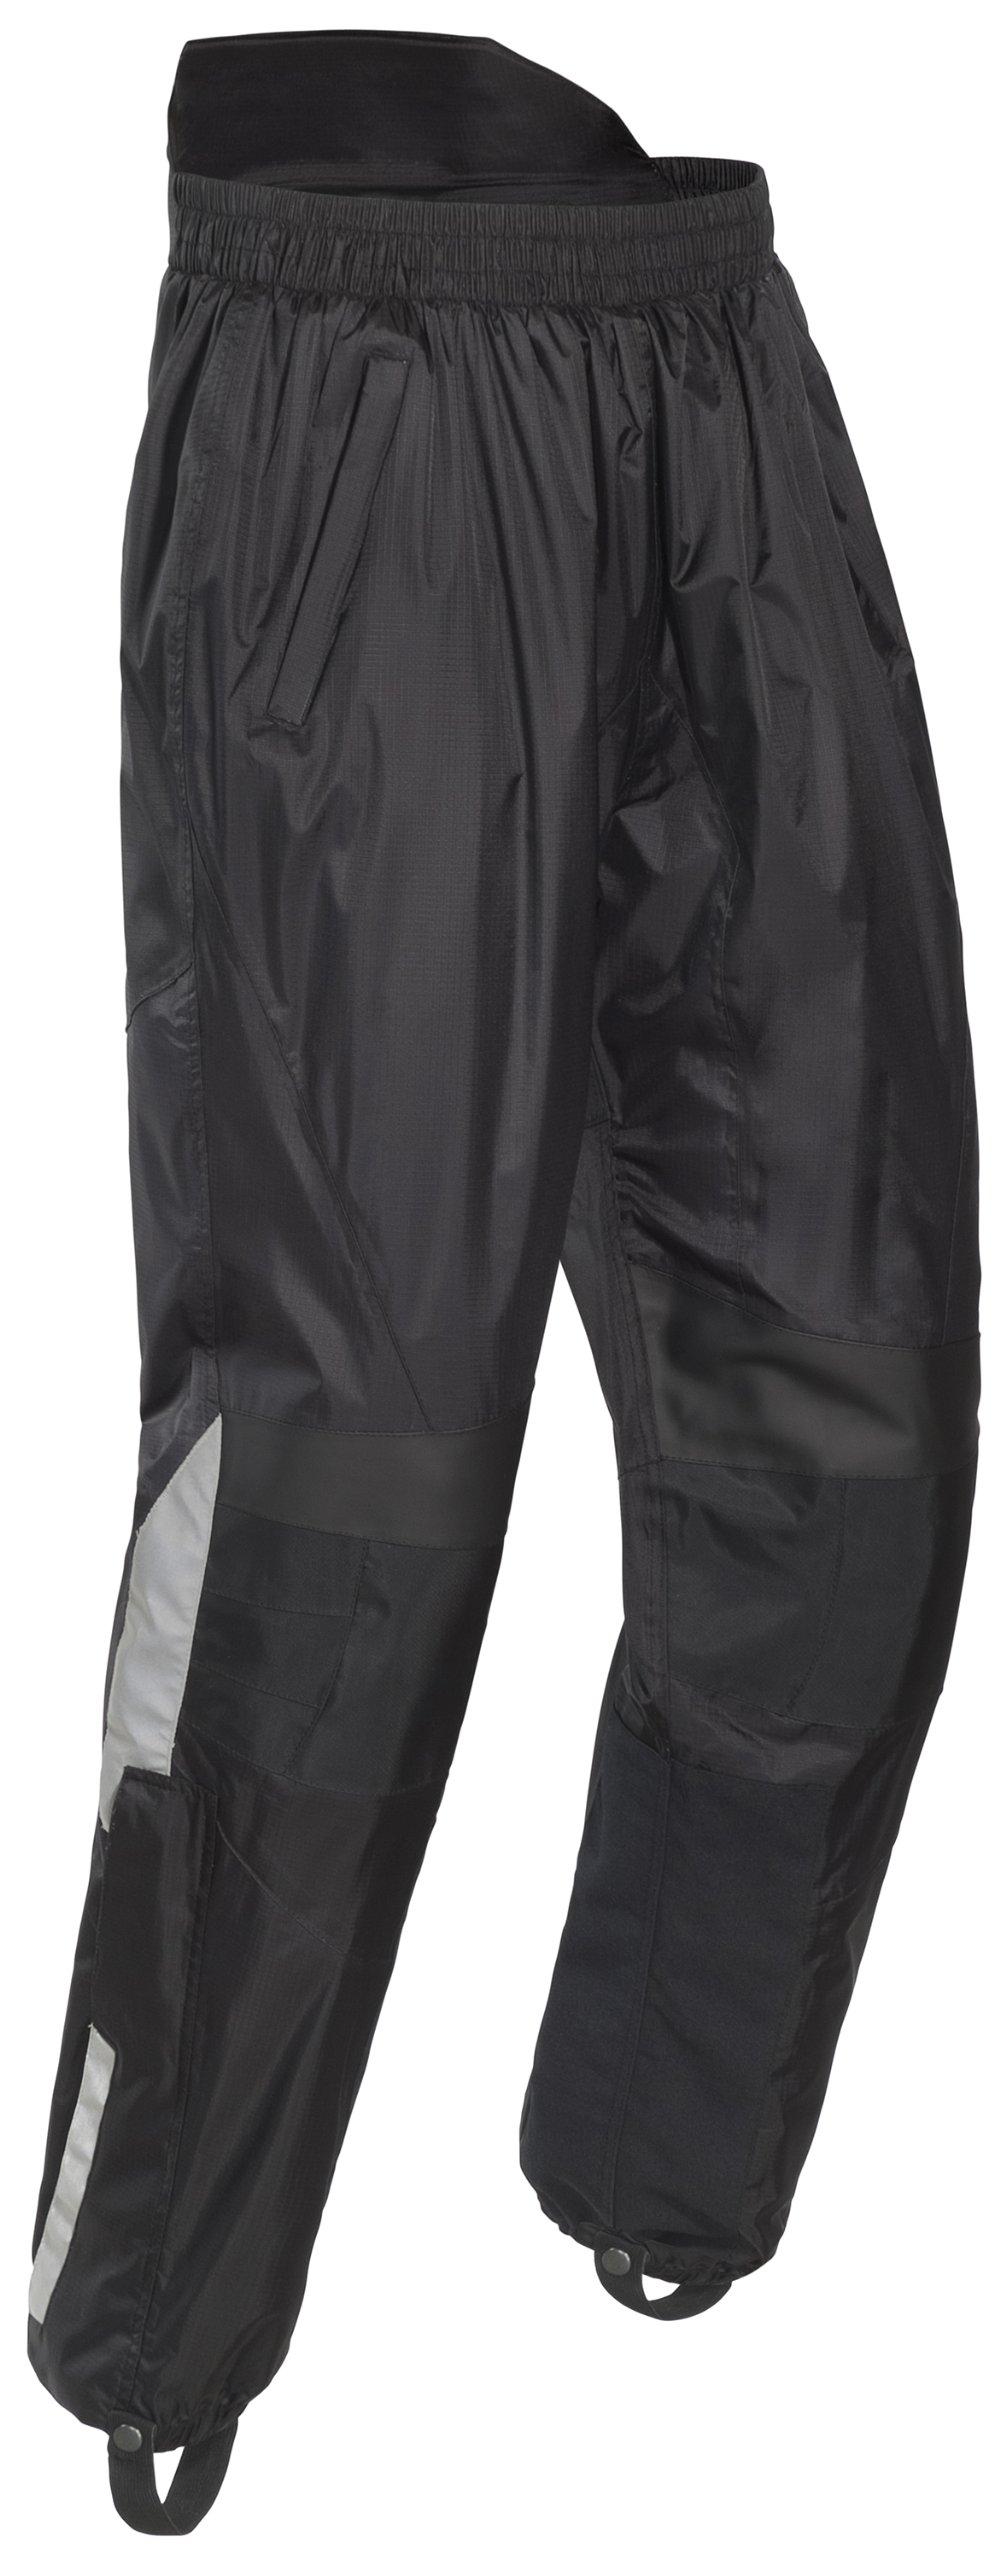 Tourmaster Sentinel 2.0 Rainsuit Pants (XXX-Large, Black w/ Nomex)